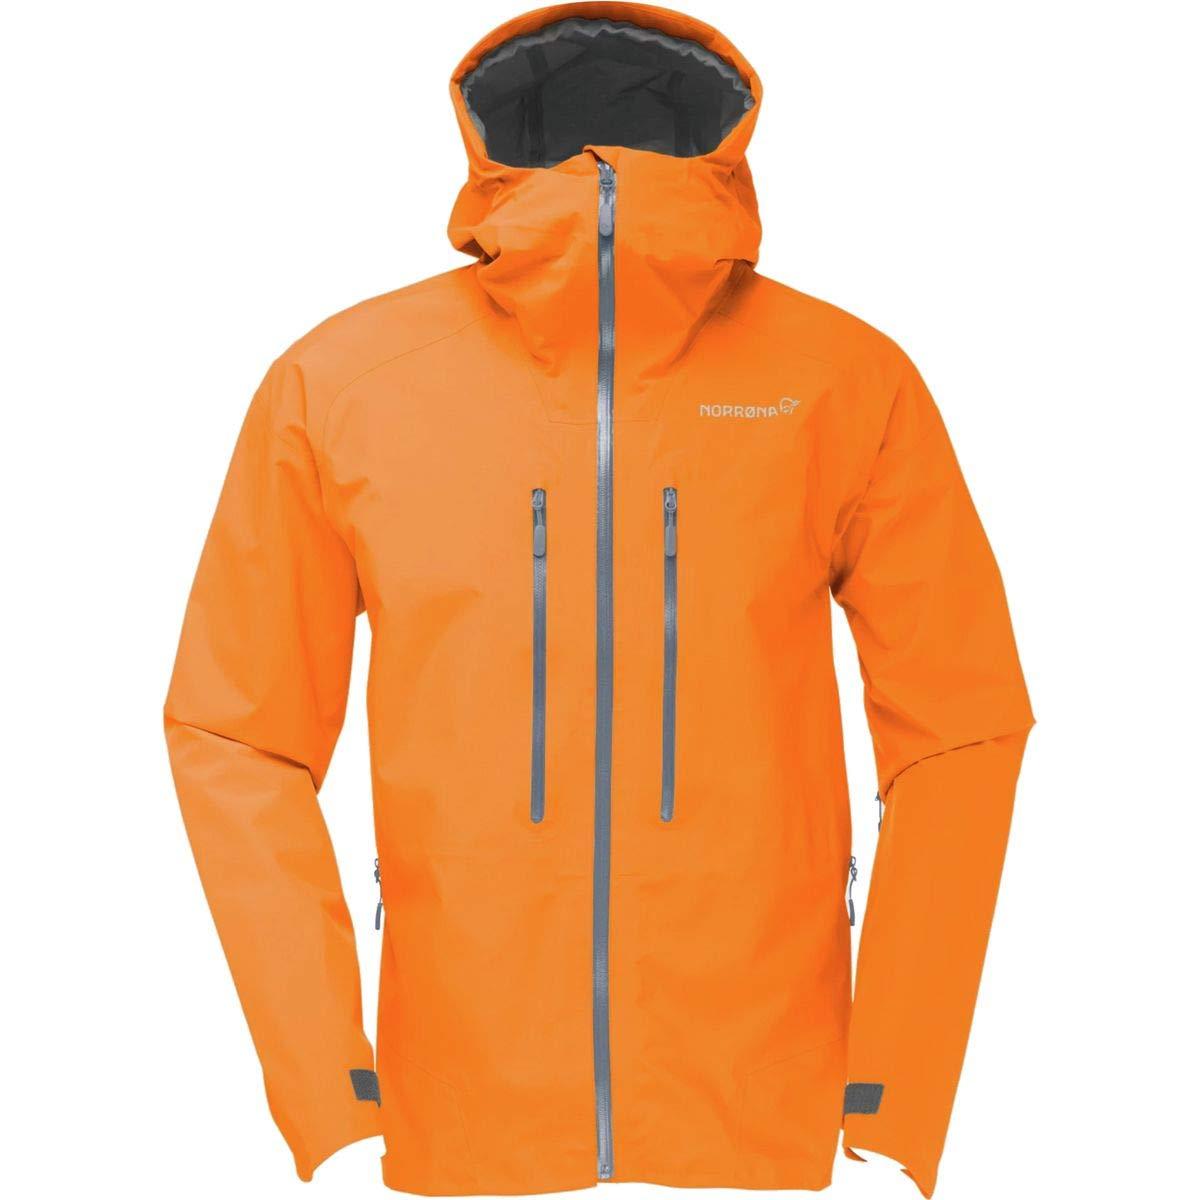 [ノローナ] メンズ ジャケット&ブルゾン Trollveggen Jacket Gore-Tex Light Pro Jacket Gore-Tex [並行輸入品] [並行輸入品] B07QRRN448 L, タトミチョウ:9e3e9cb5 --- gallery-rugdoll.com